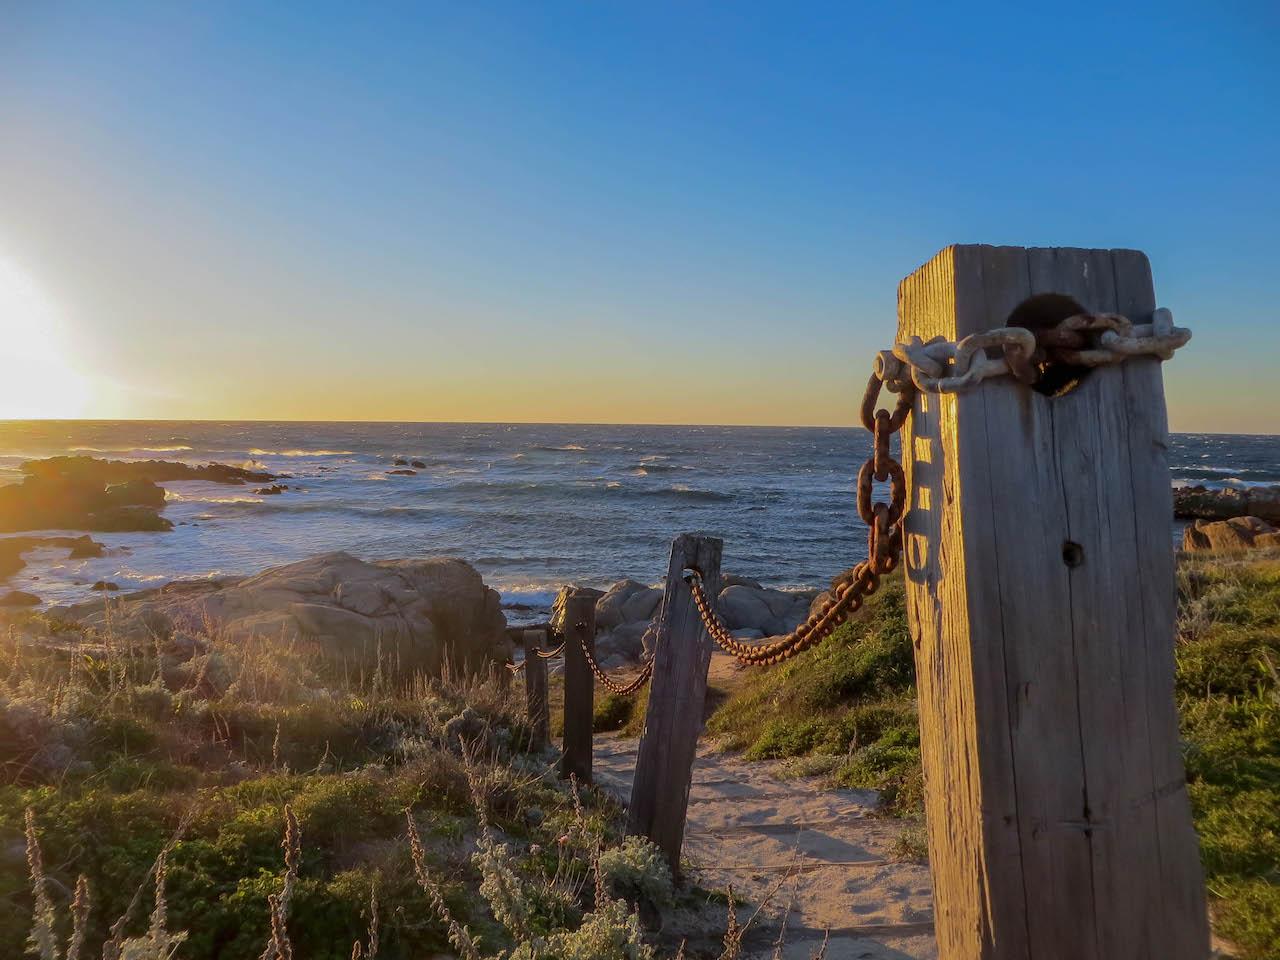 Sonnenuntergang in Monterey in den USA.